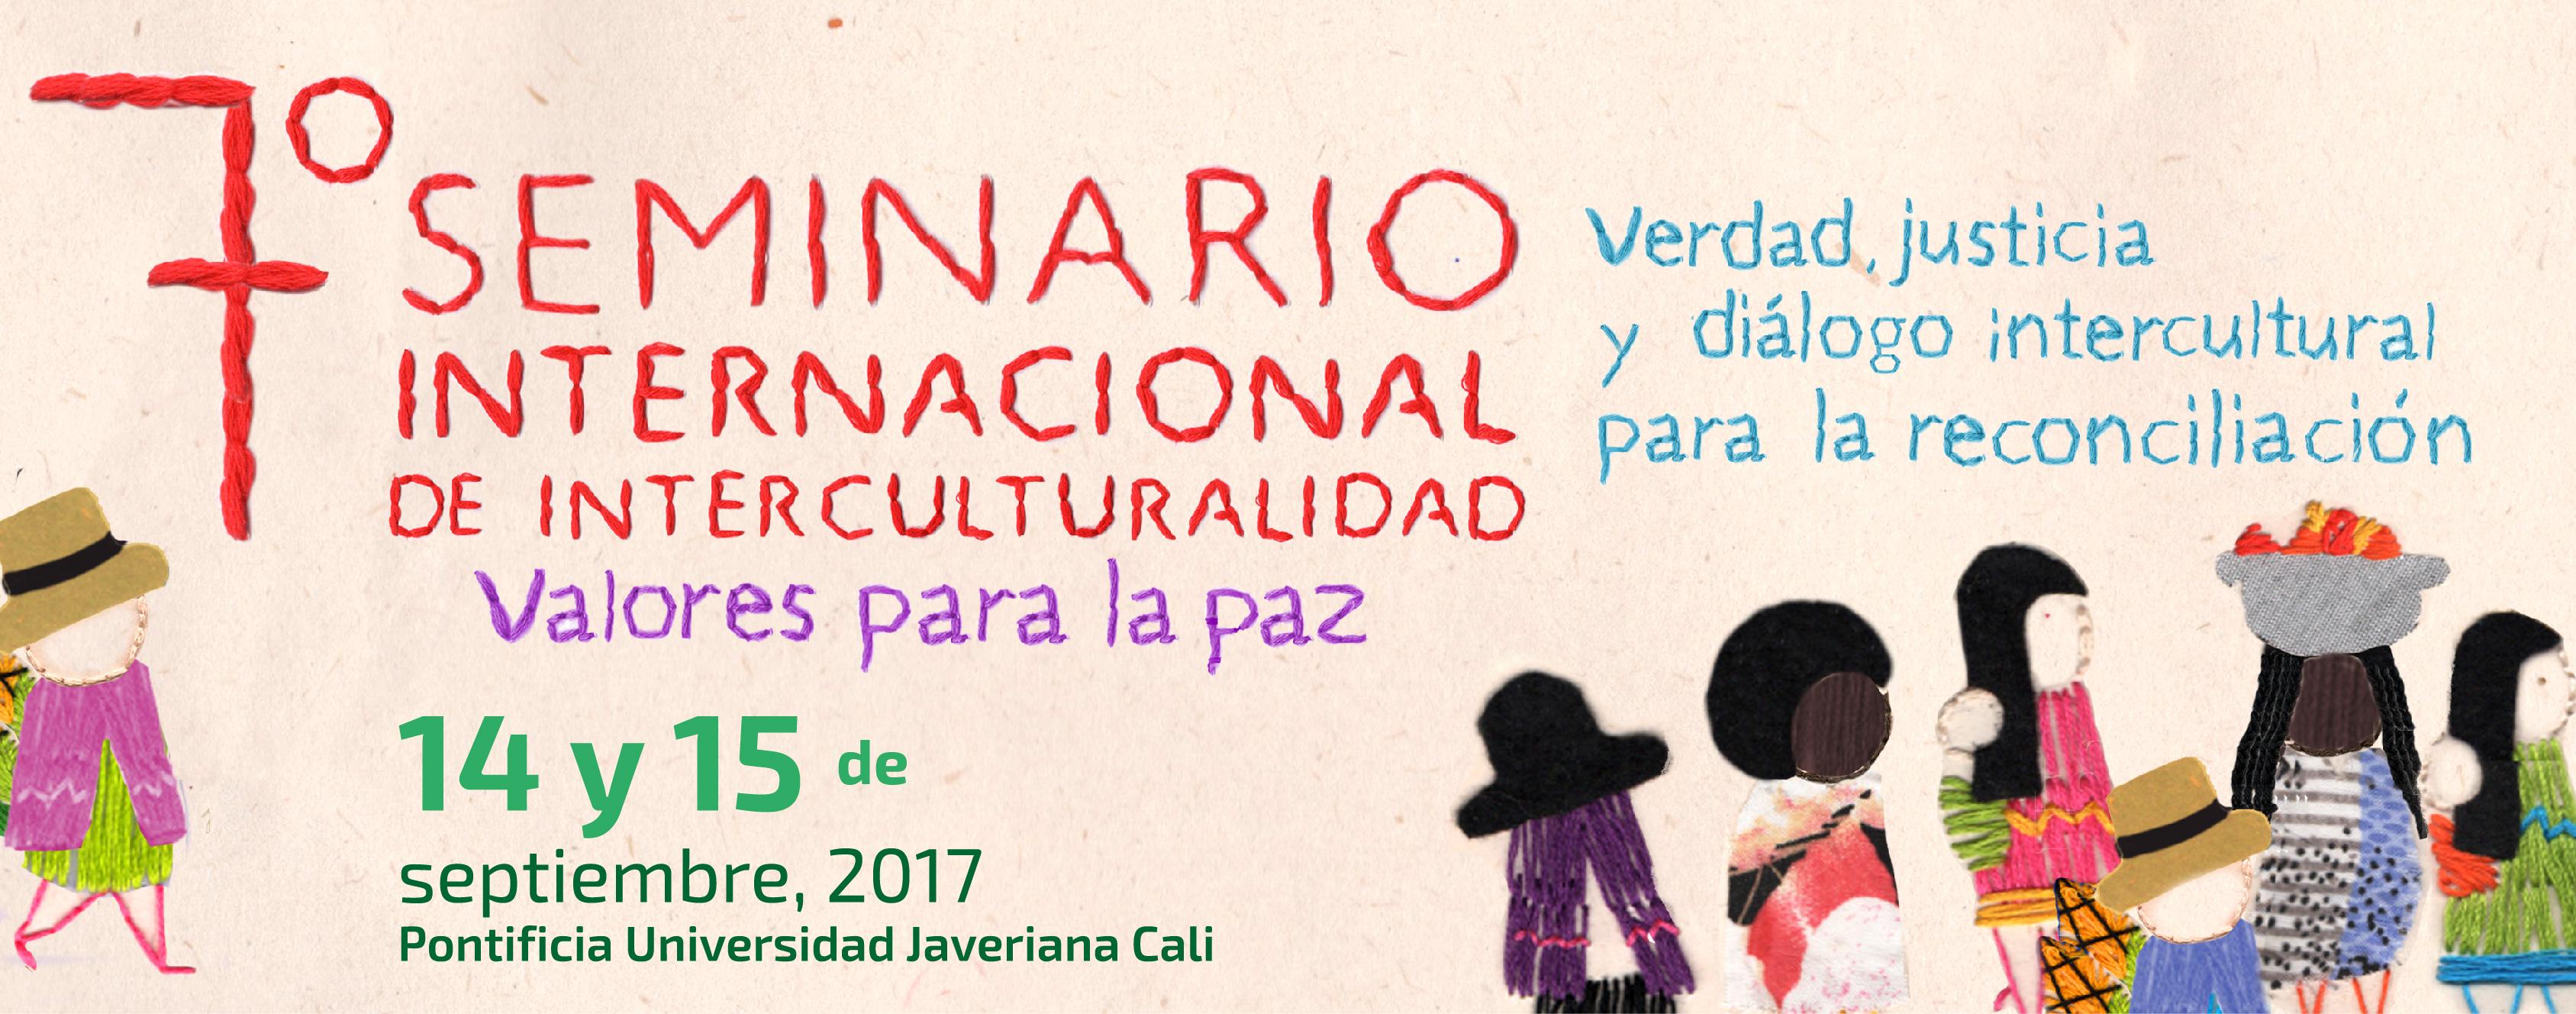 VII Seminario Internacional de Interculturalidad